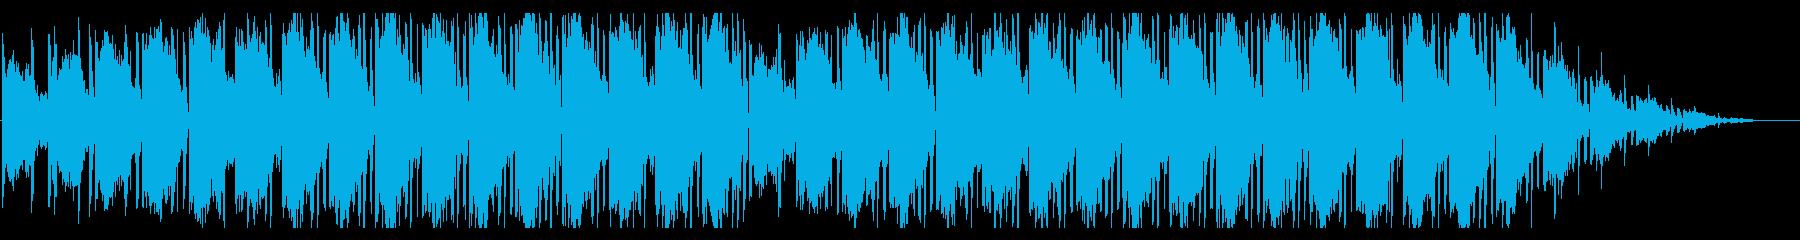 生ぬるく漂うローファイエレクトロニカの再生済みの波形